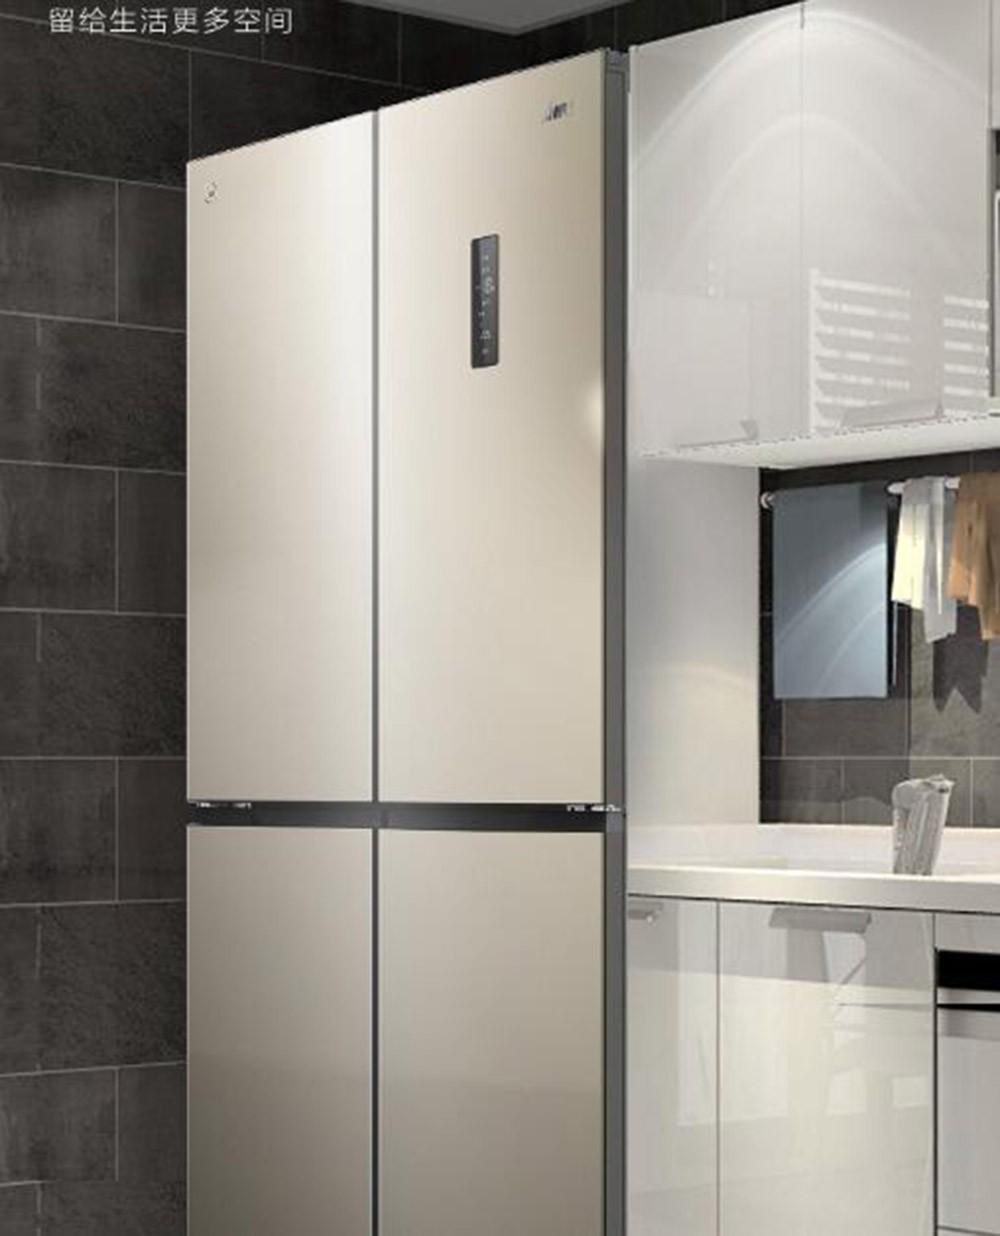 杜绝电费超支 十款节能冰箱能省大批电费